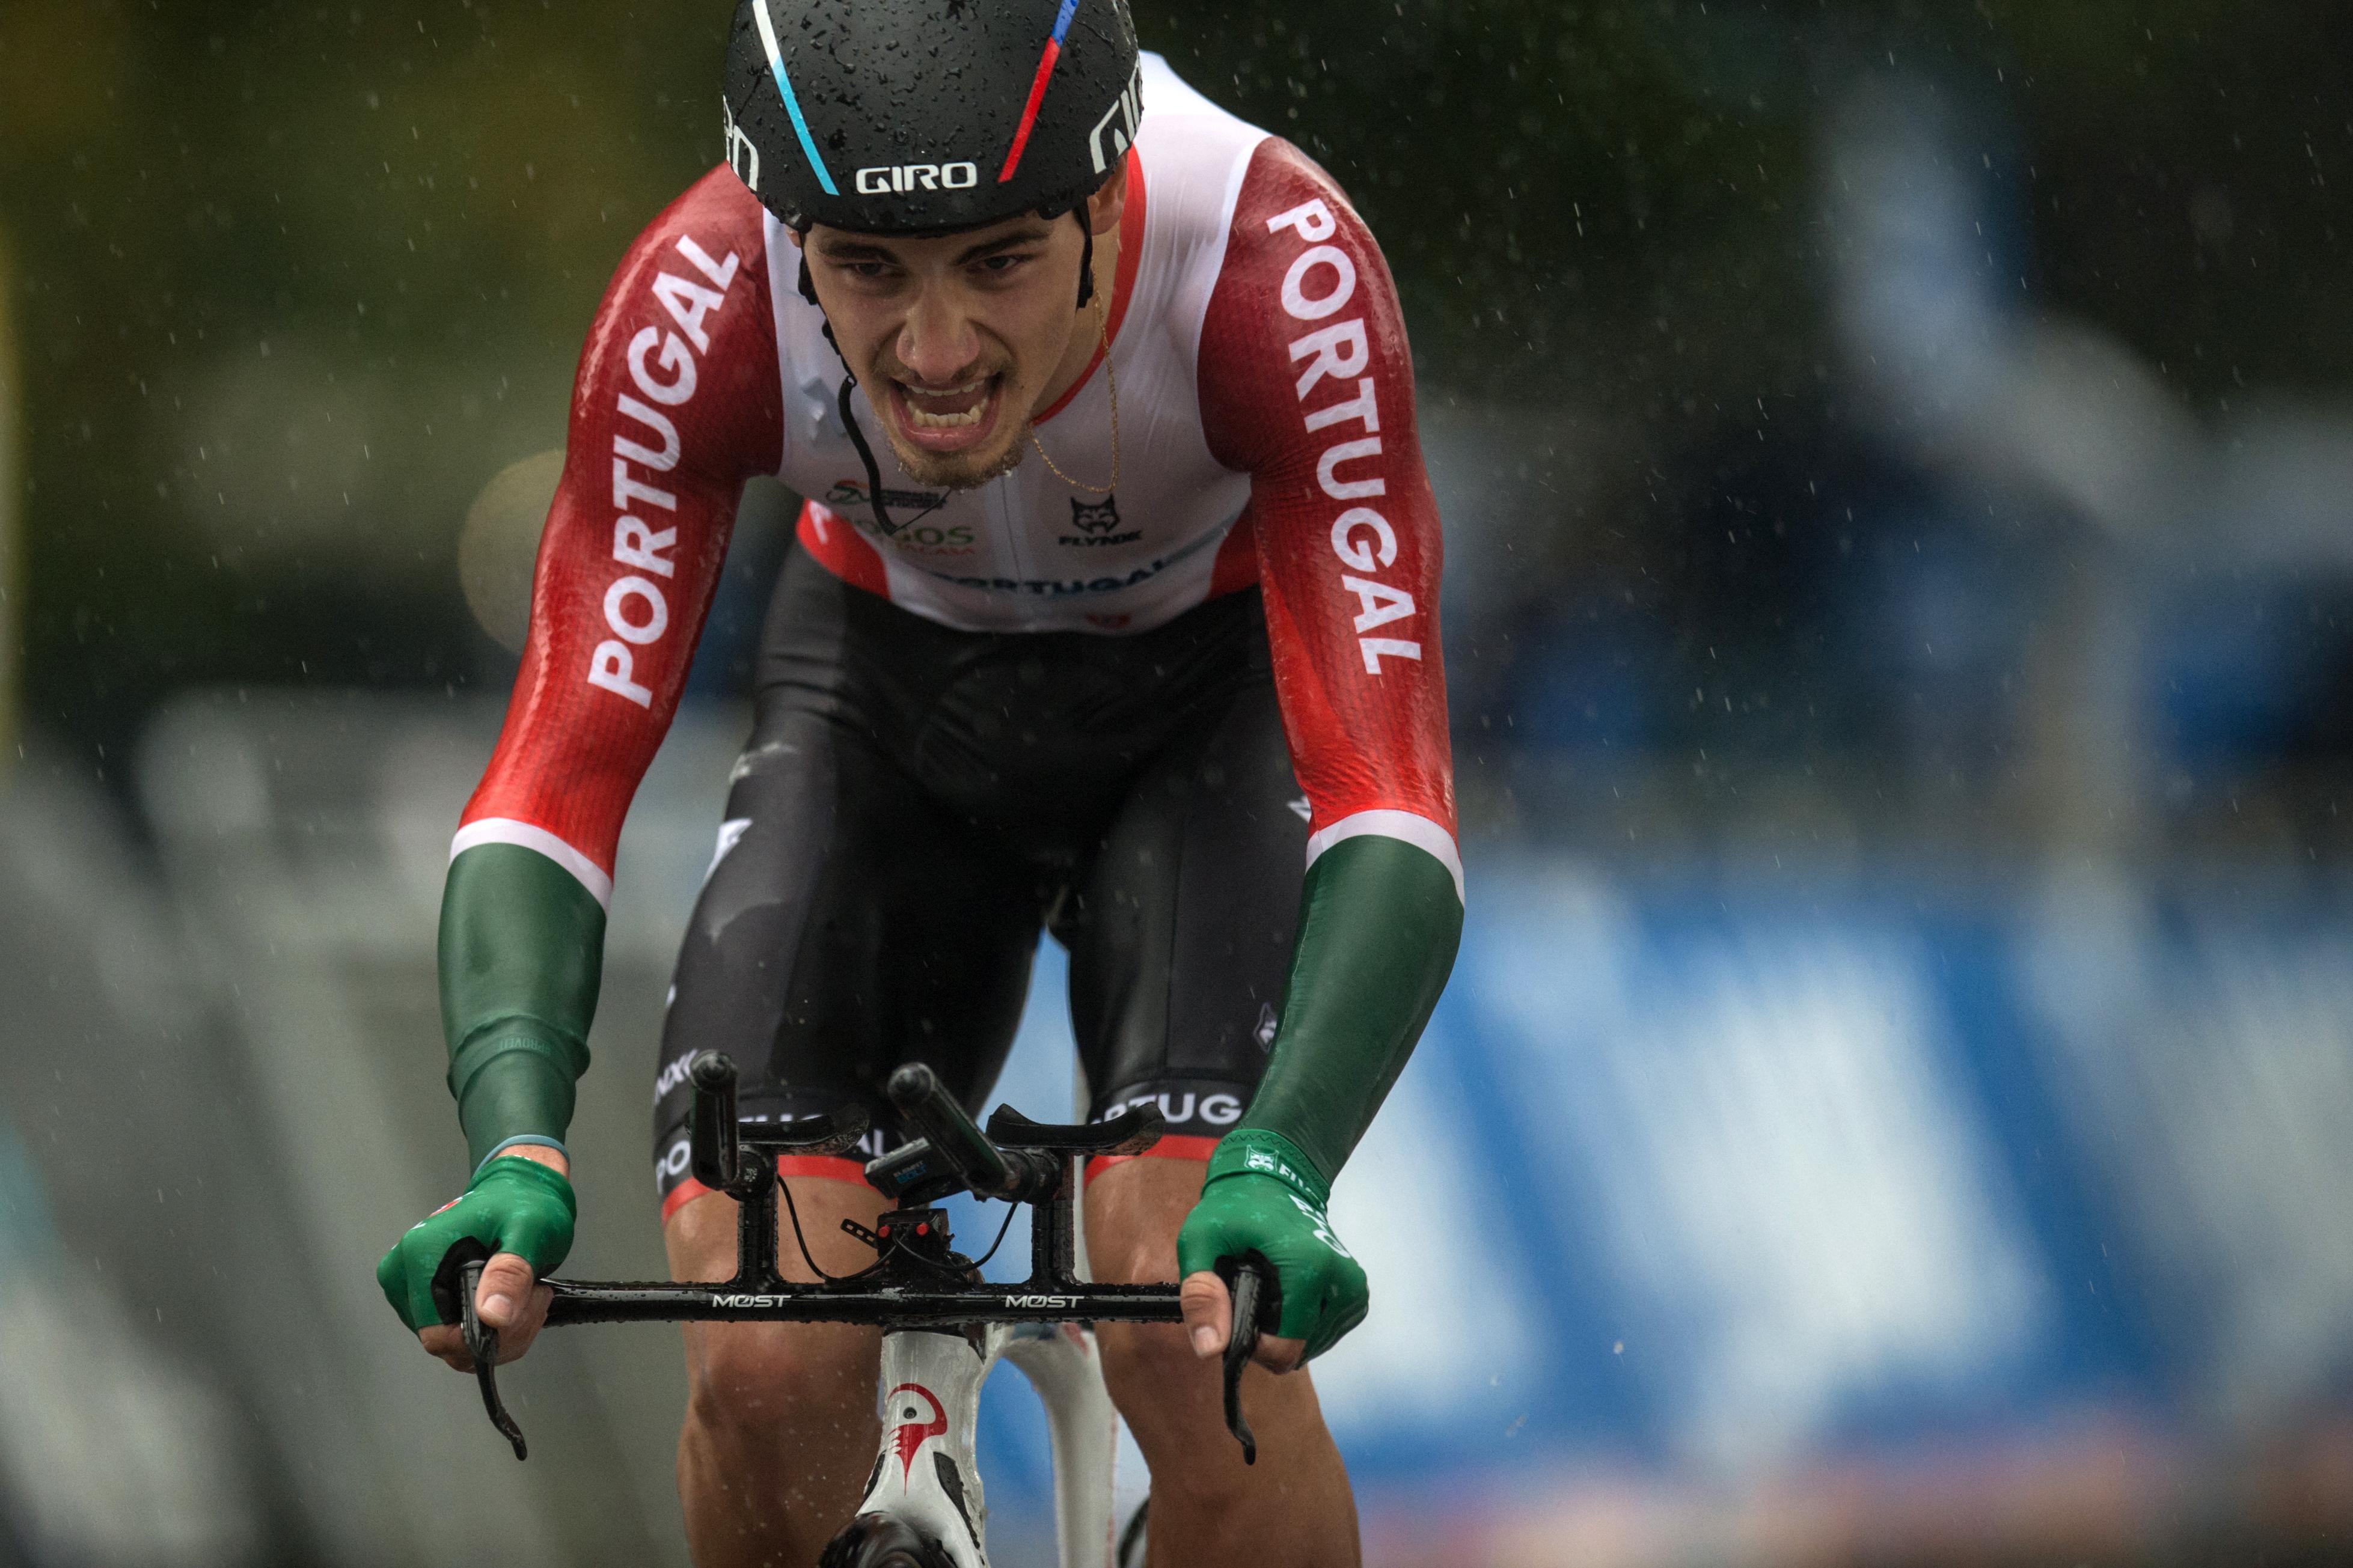 Fue el caso por ejemplo de los belgas Philippe Gilbert, campeón del mundo en 2012, y Remco Evenepoel, otro de los jóvenes llamados a dominar el pelotón en los próximos años. Ambos se retiraron cuando aún quedaban más de 100 km para la meta